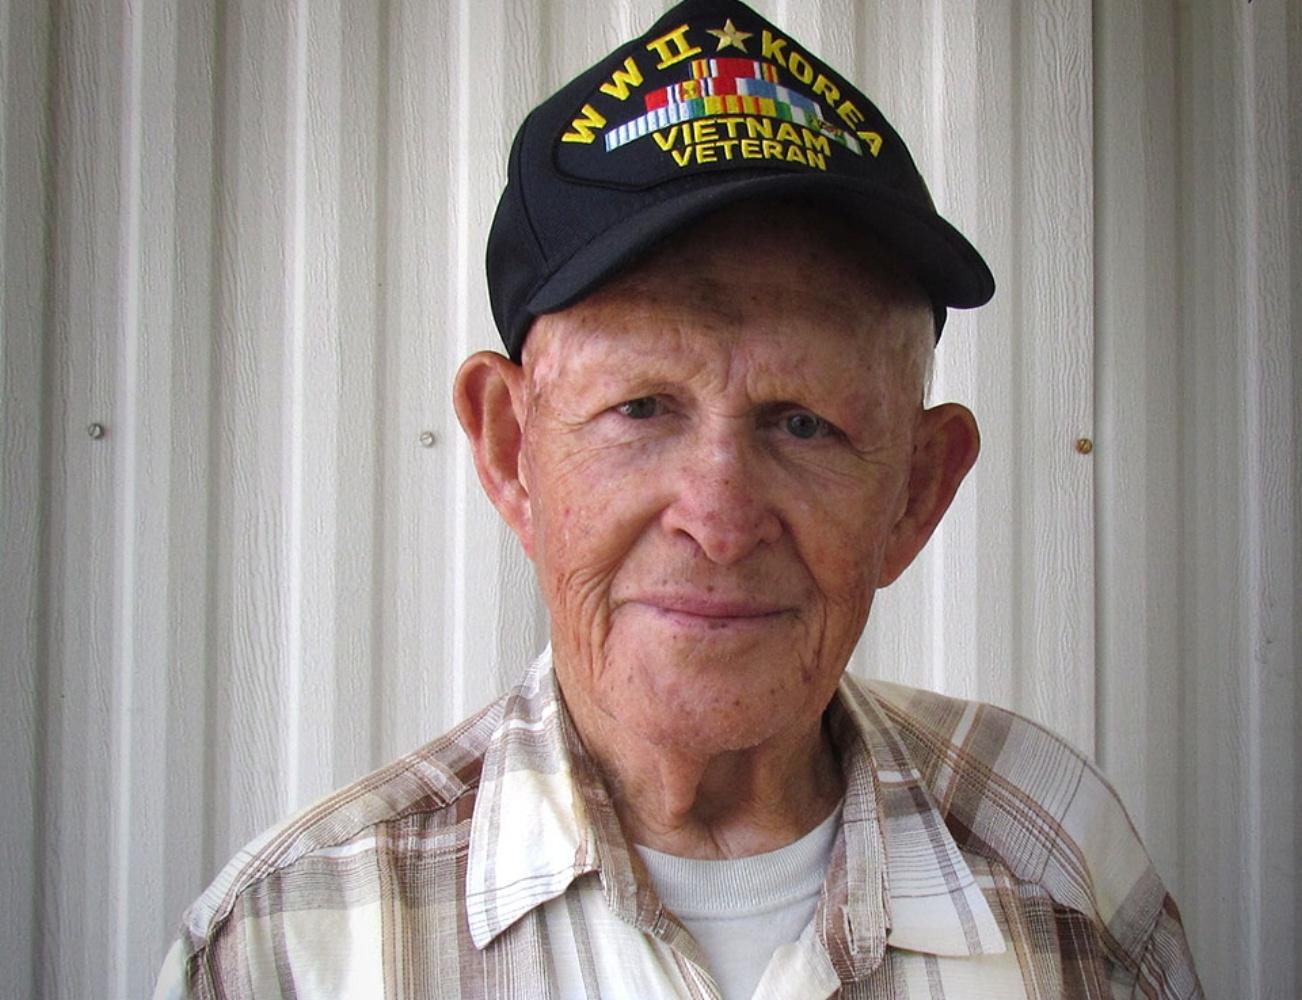 Home Repairs serve veterans